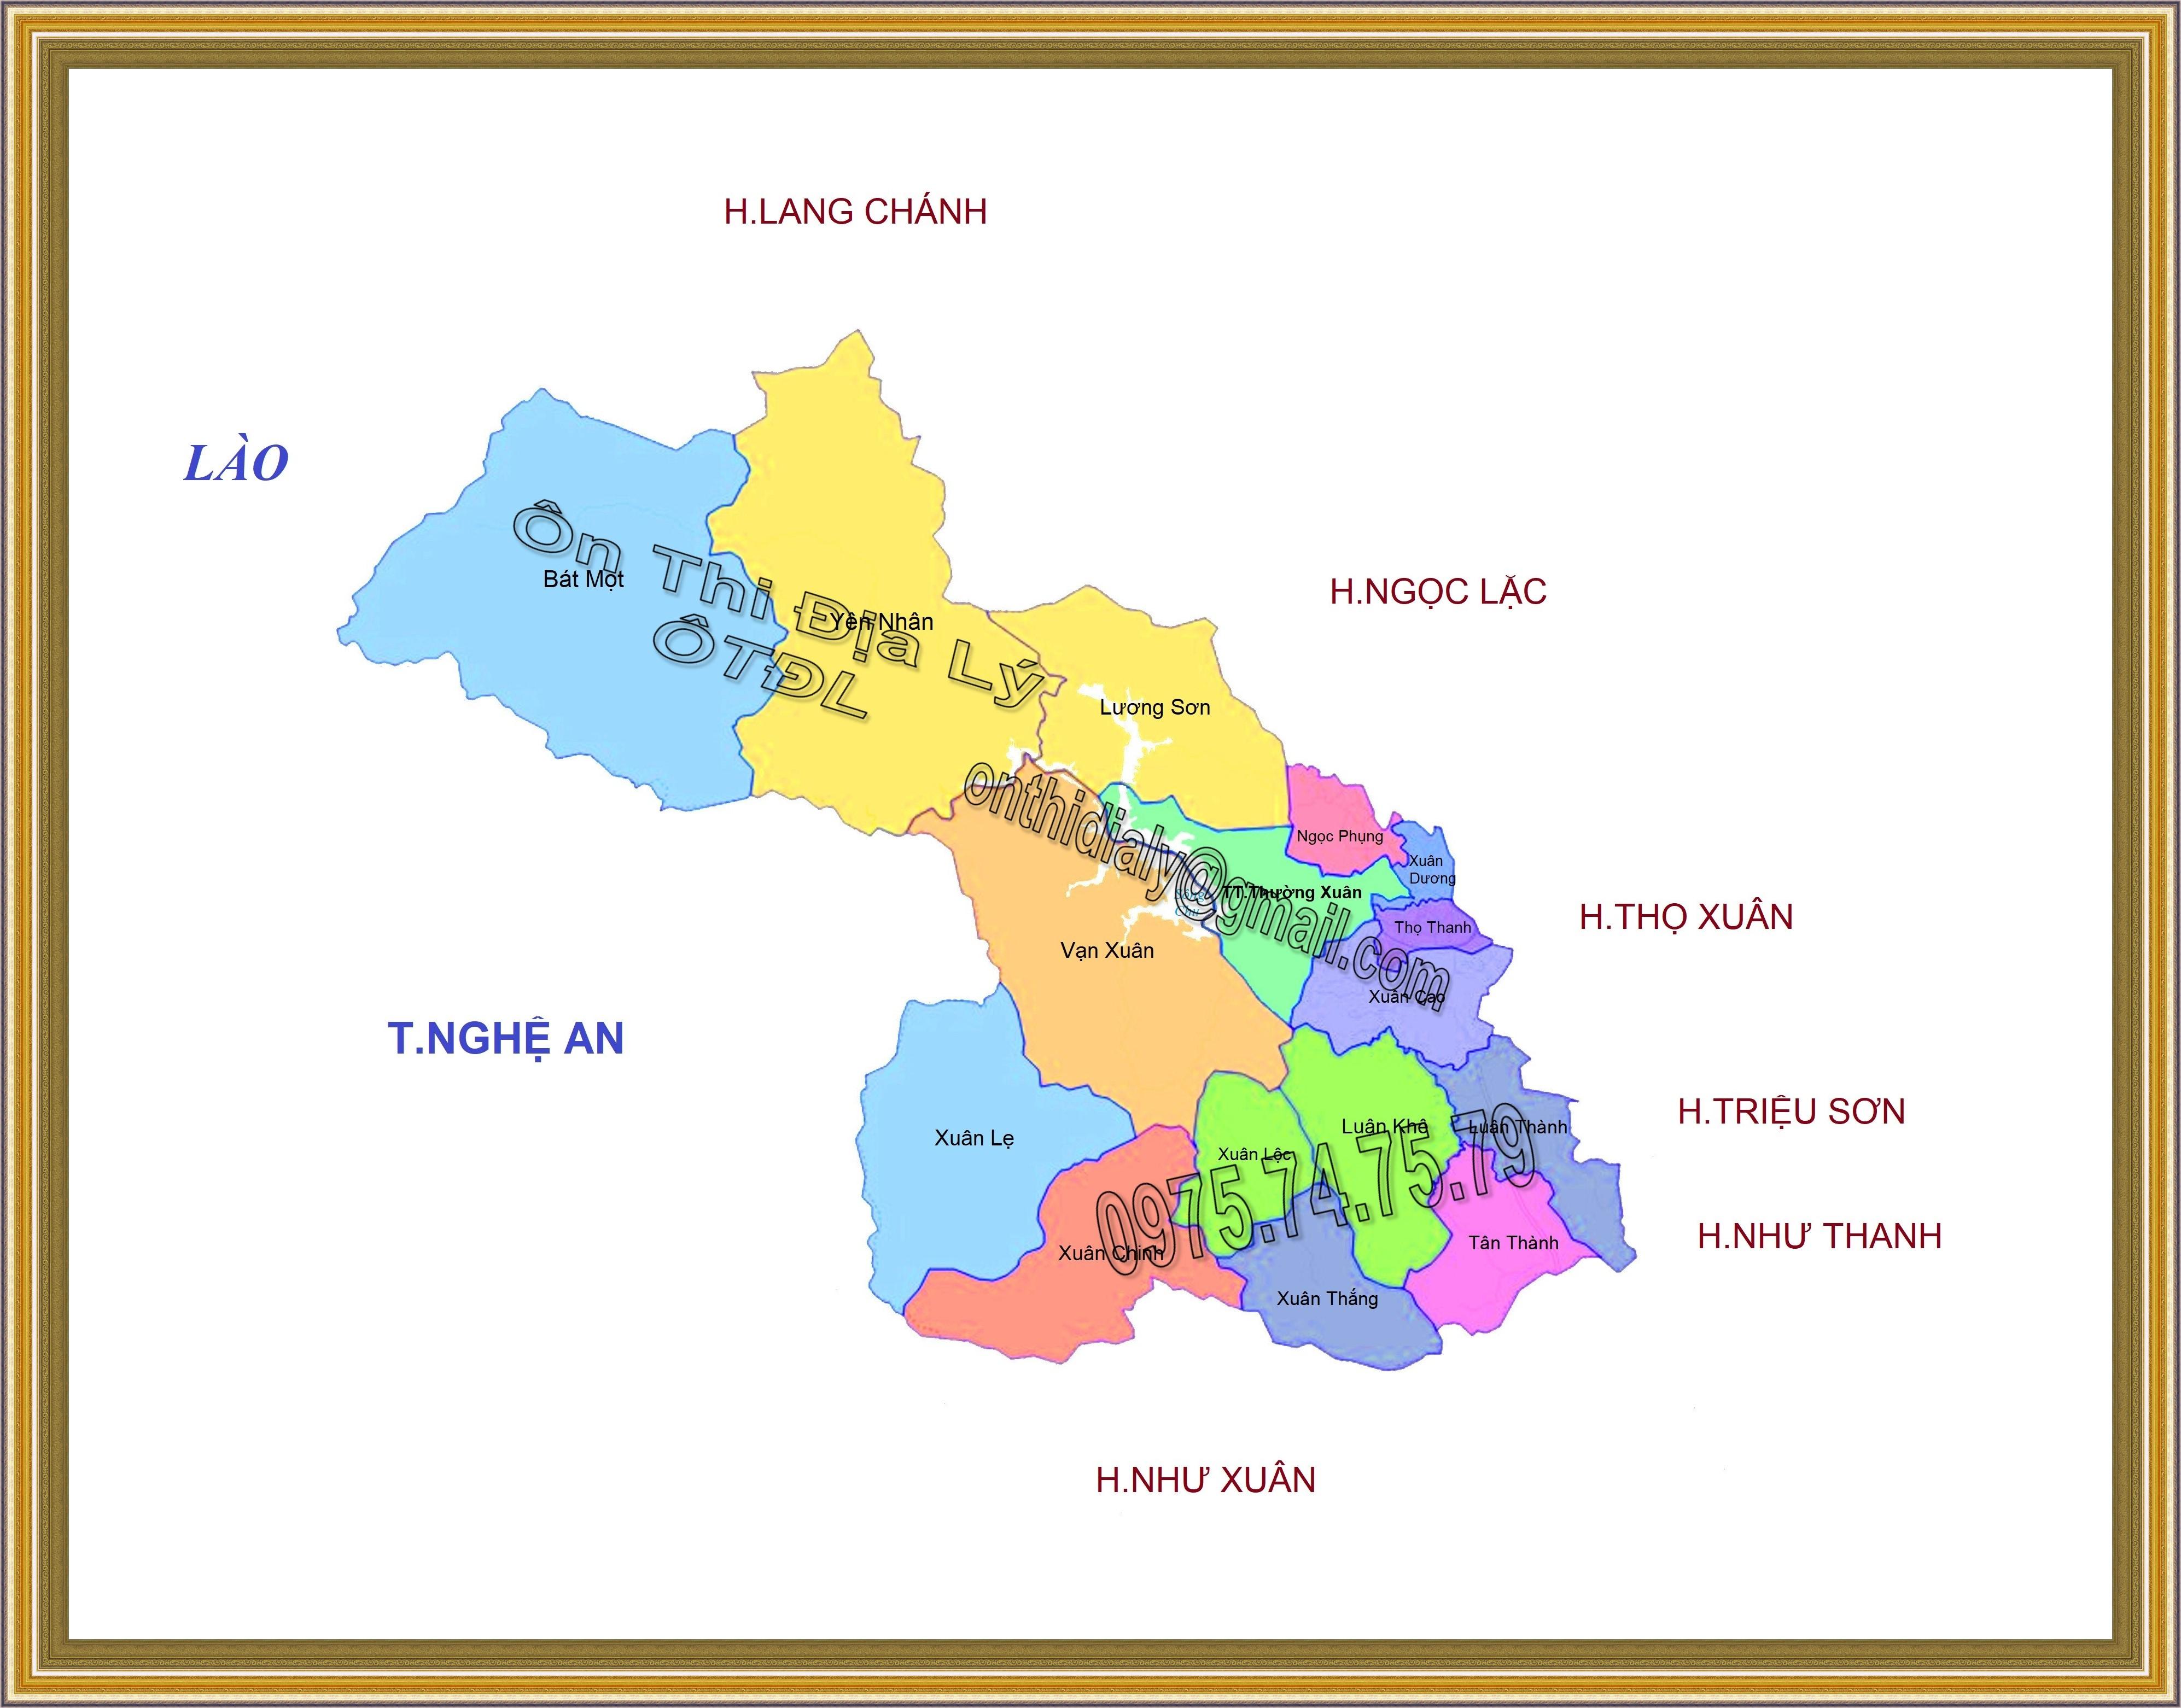 Bản đồ huyện Thường Xuân, tỉnh Thanh Hóa